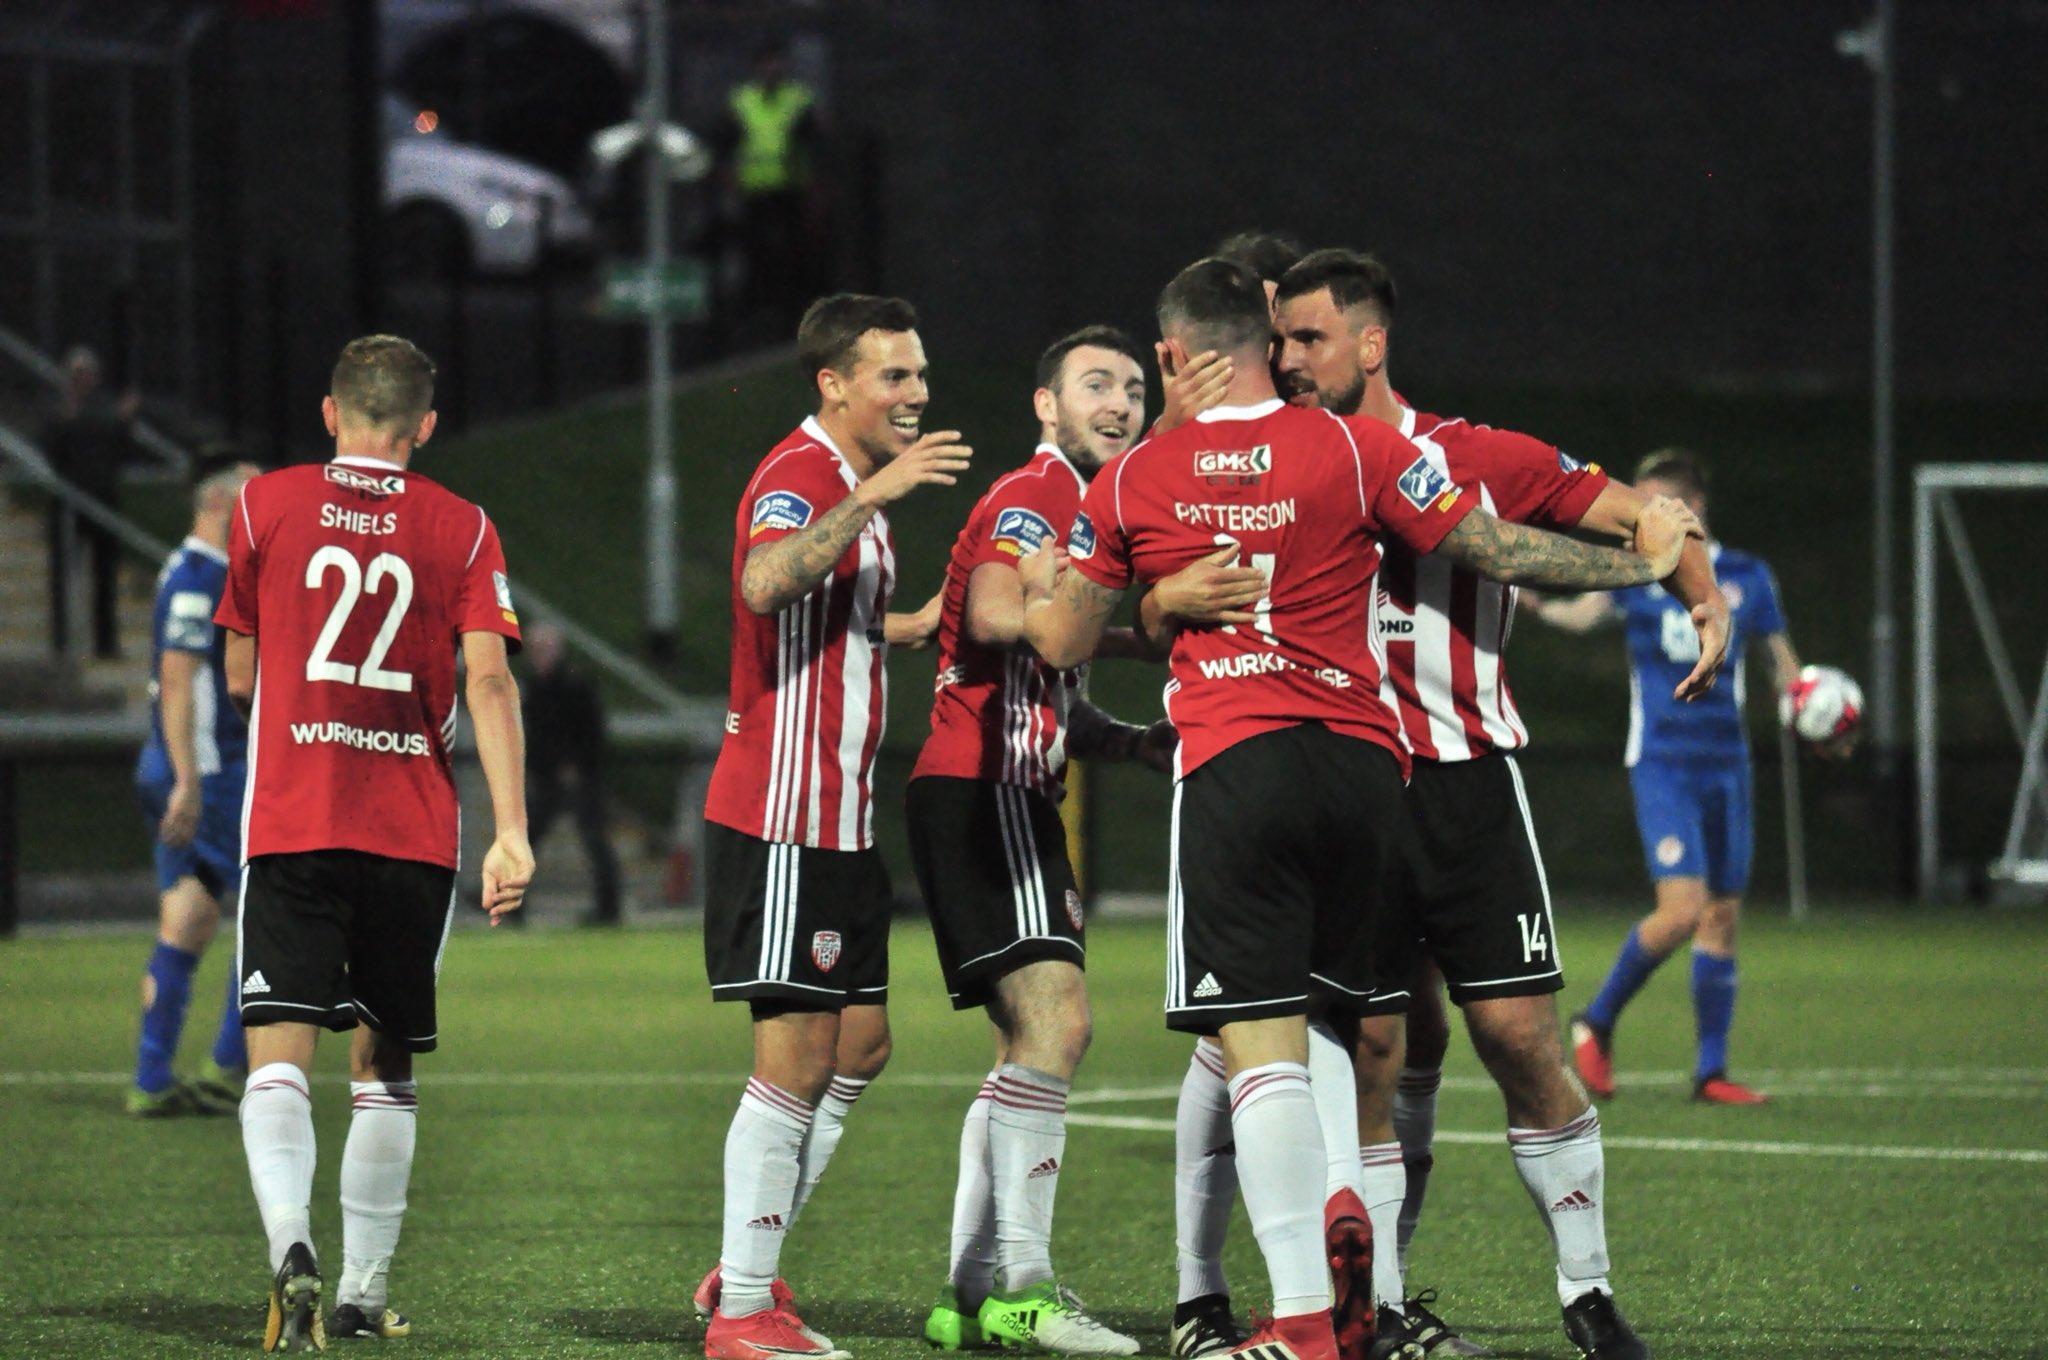 Derry City - Sligo Rovers